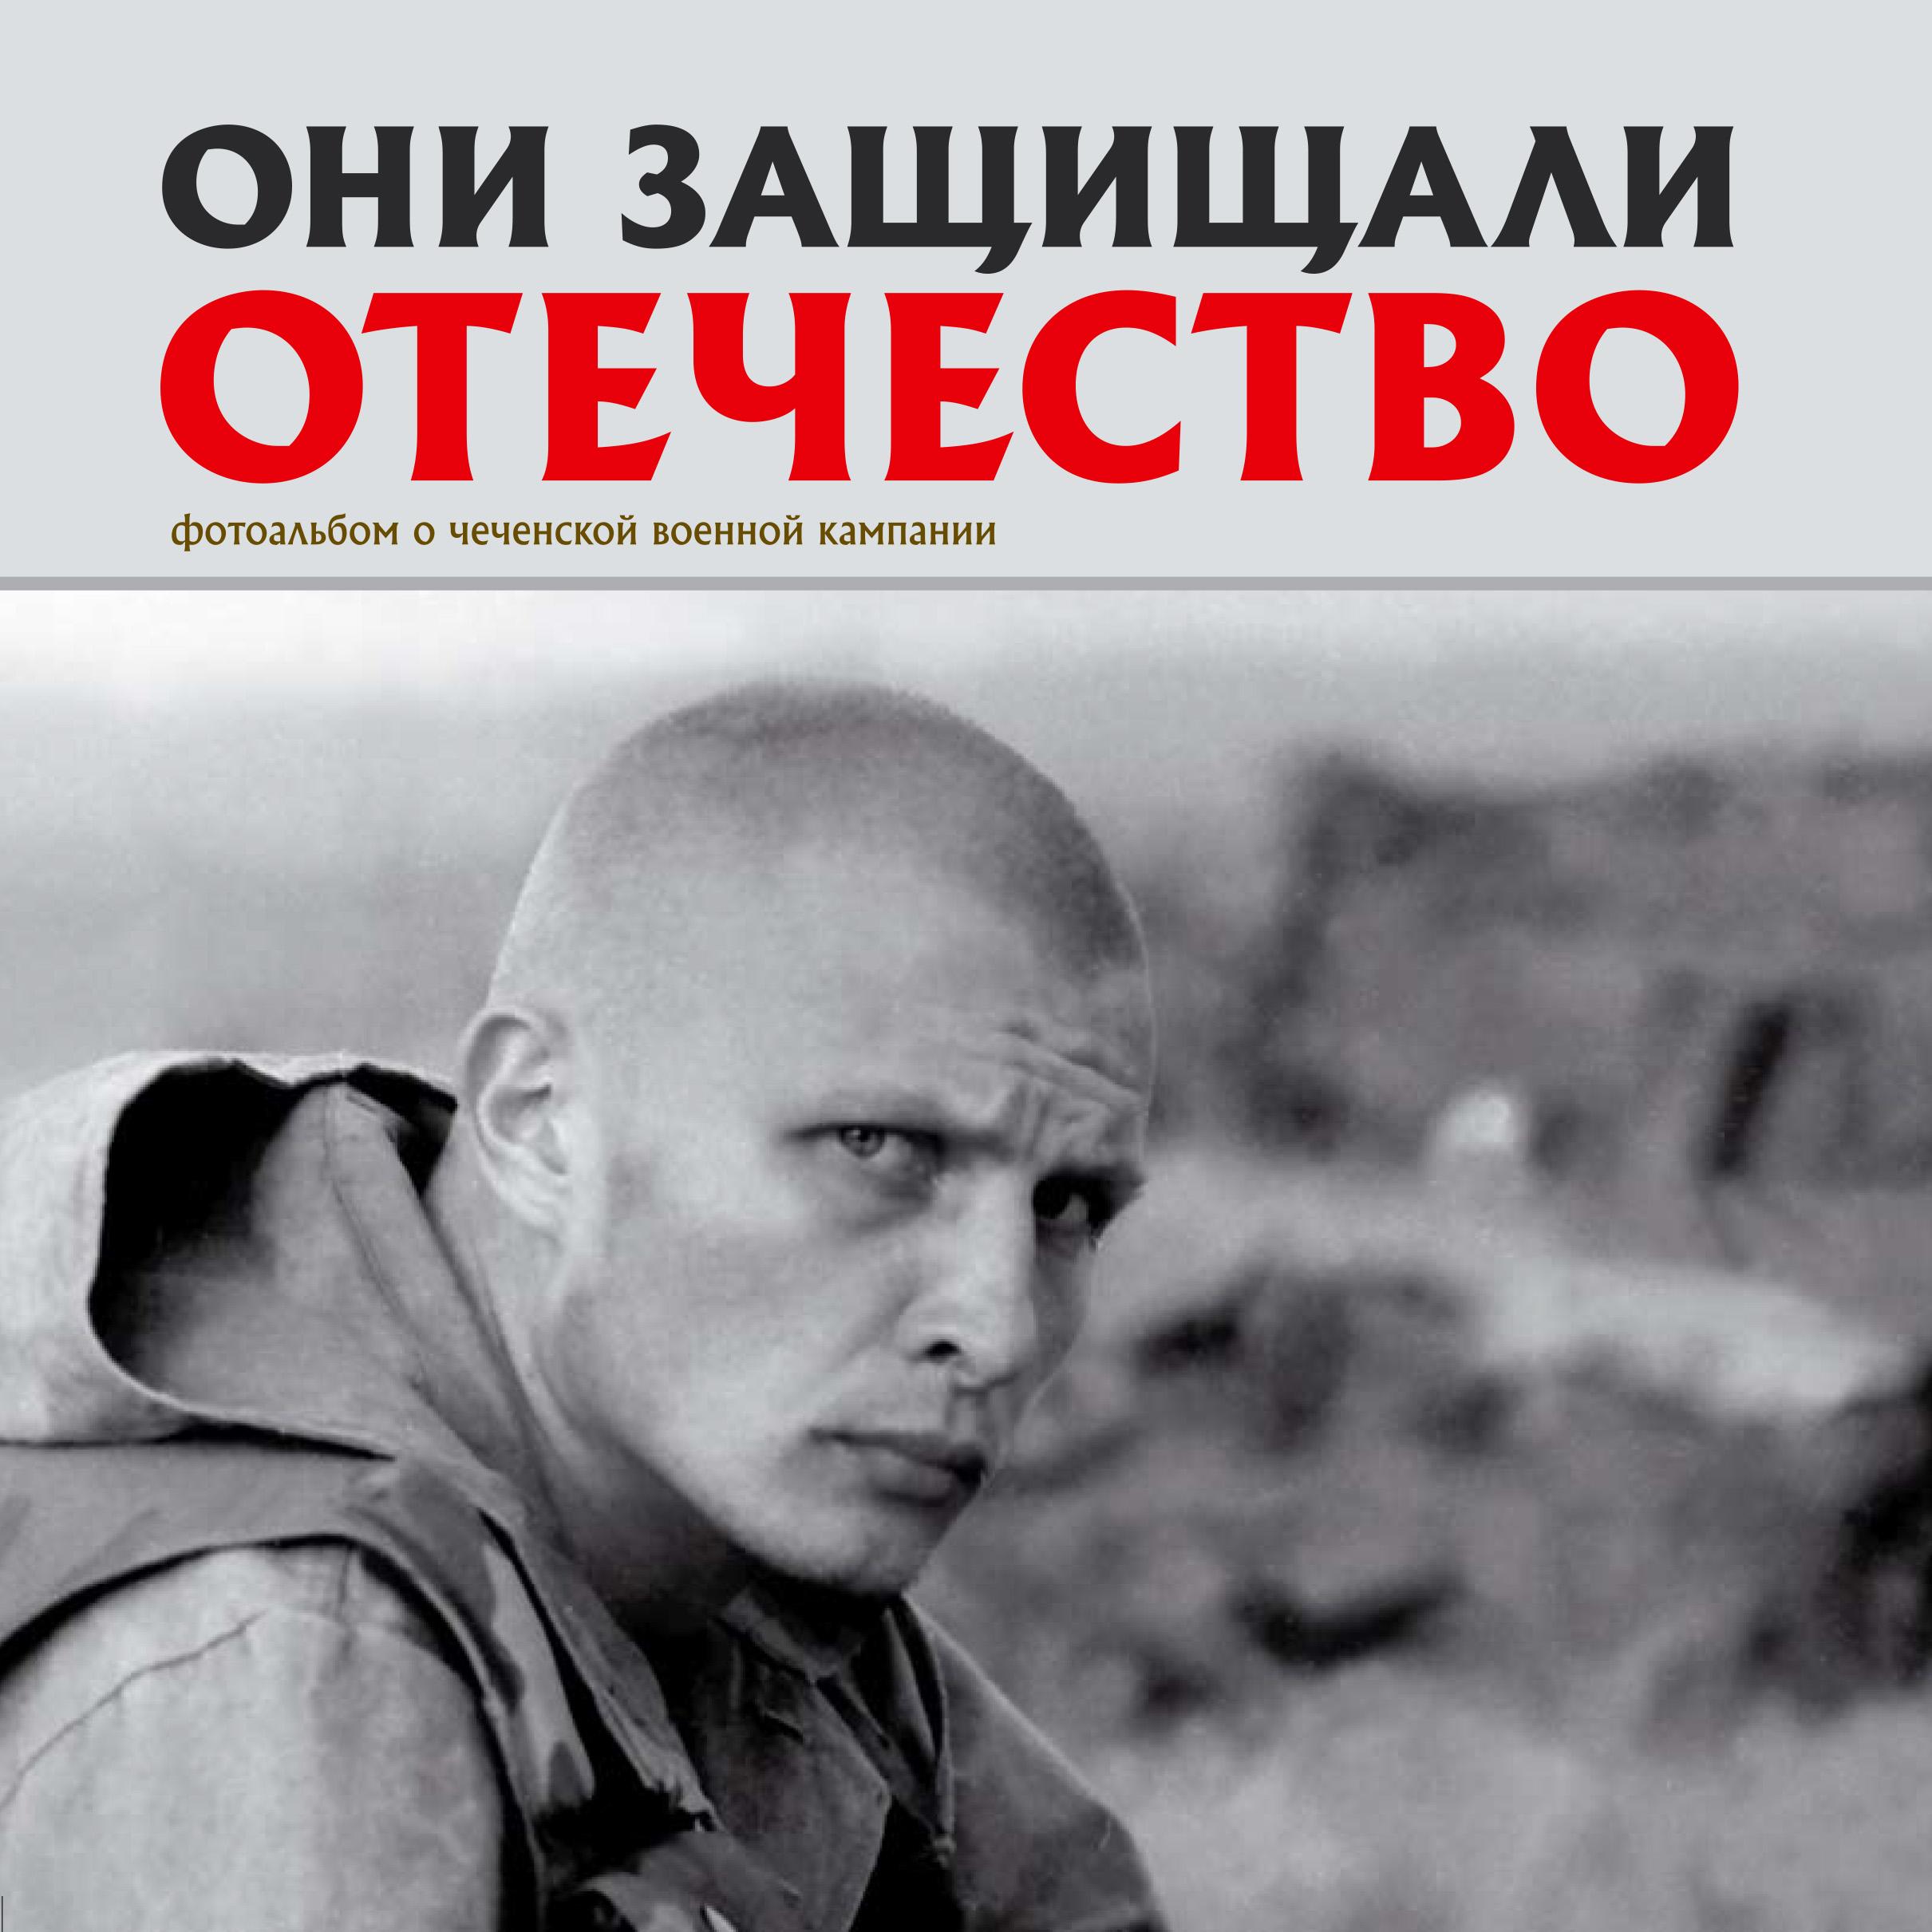 Сергей Геннадьевич Галицкий Они защищали Отечество. Первая чеченская цены